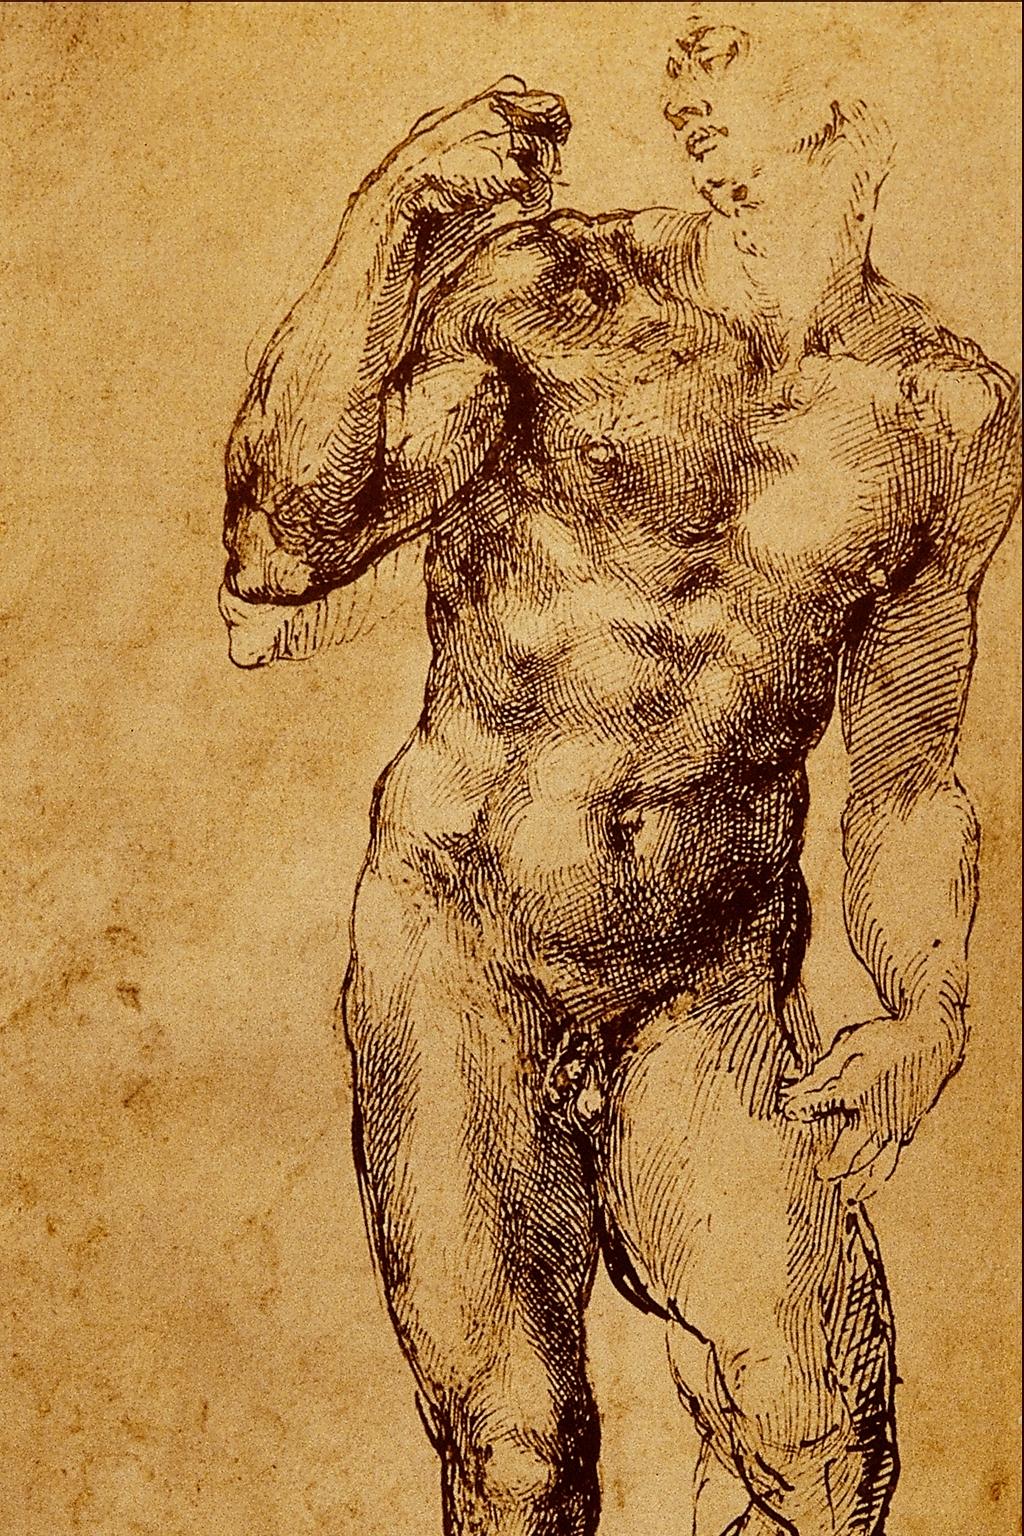 photos hombres des nudos